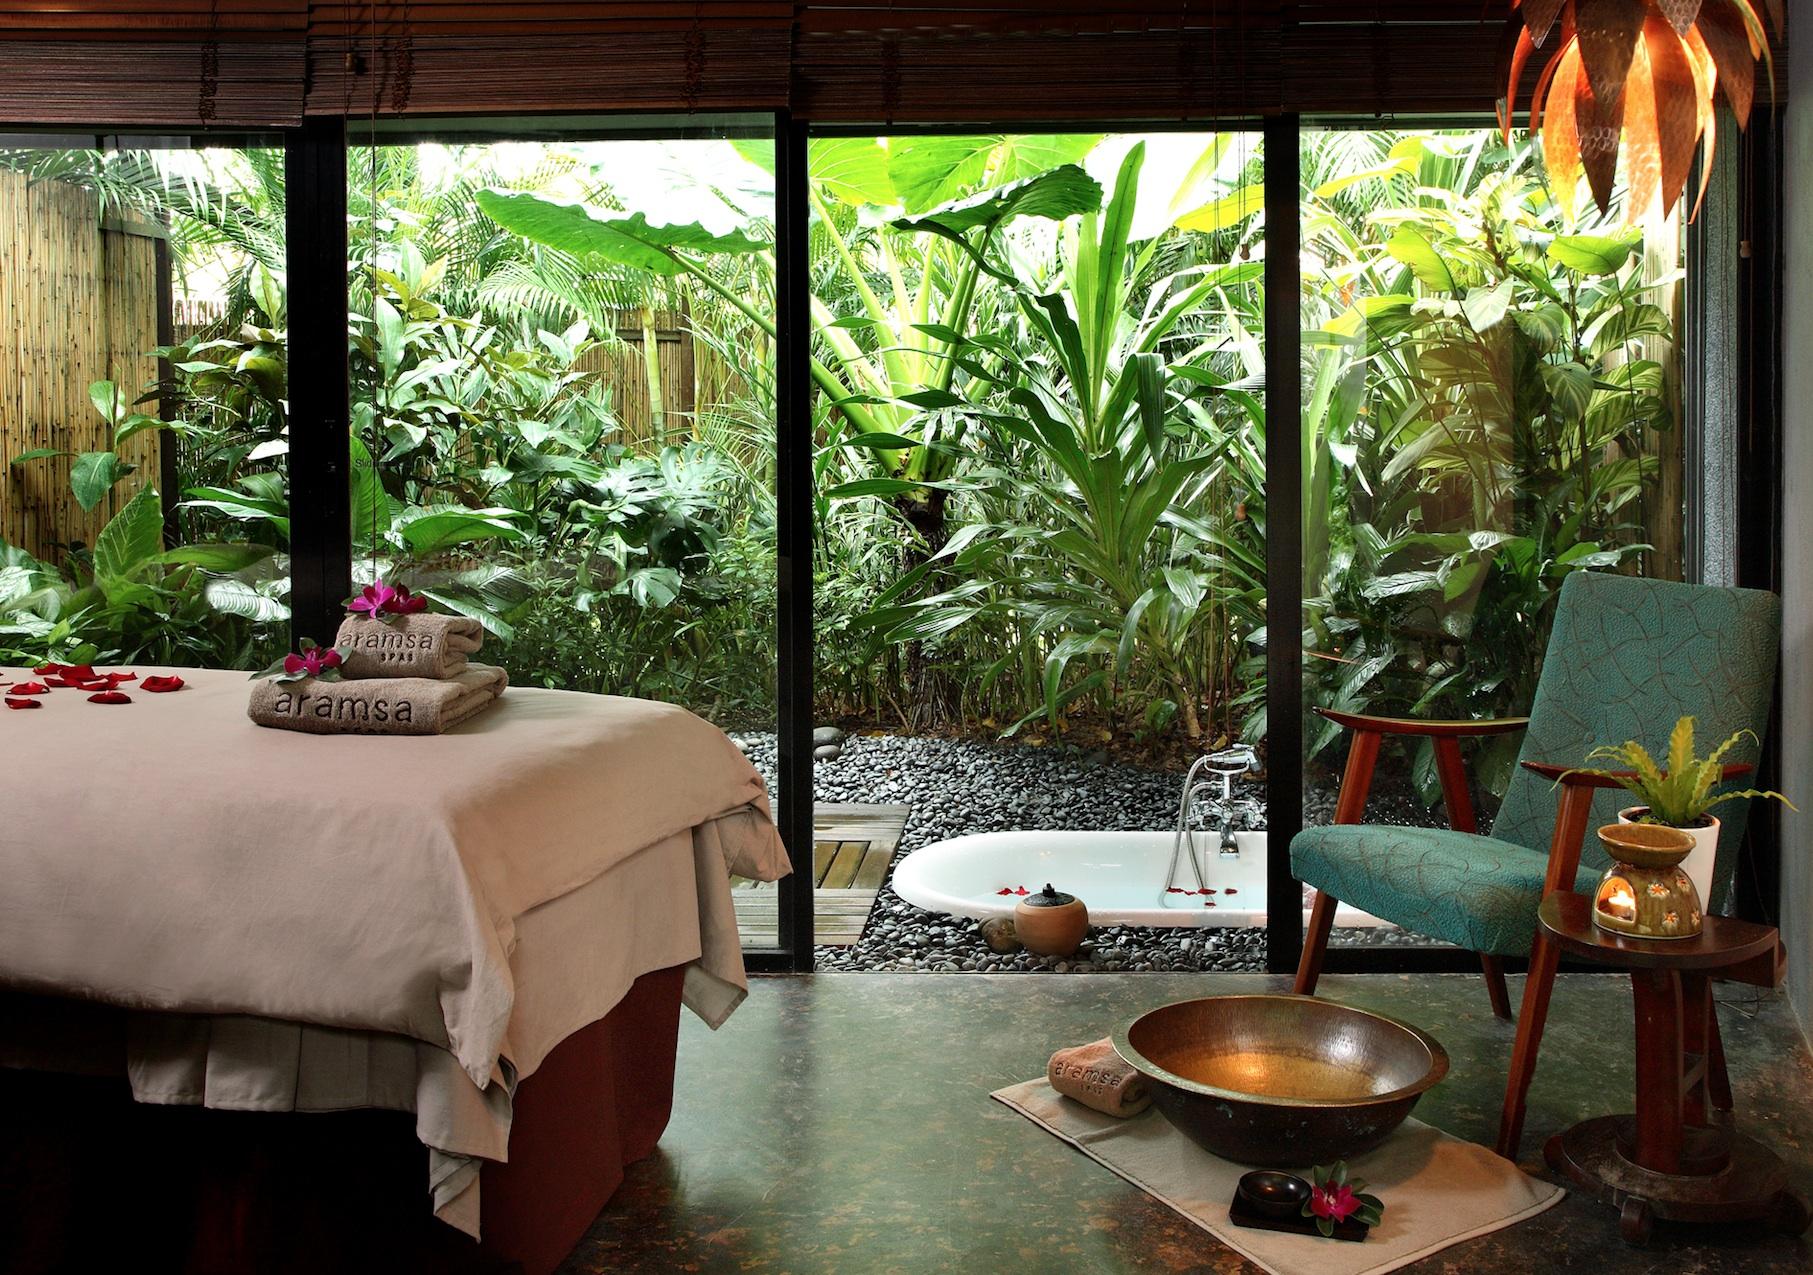 Review call of india treatment at aramsa garden spa for Garden salon